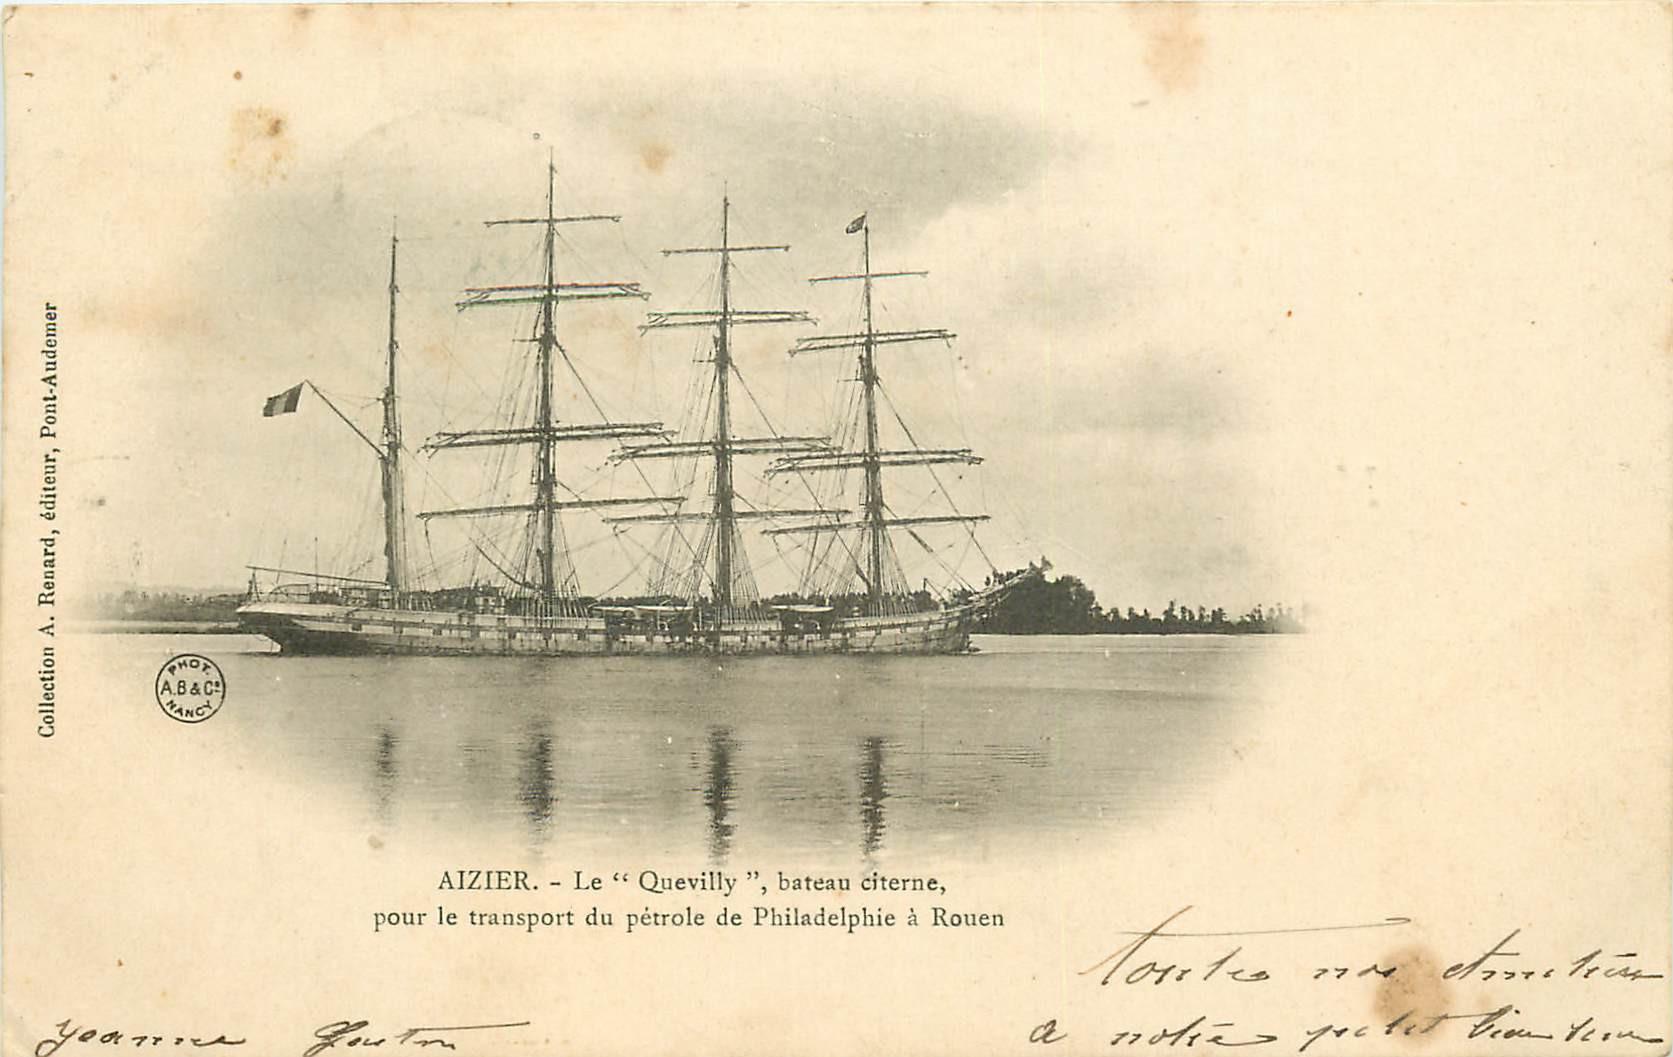 WW 27 AIZIER. Le Quevilly bateau citerne transport de pétrole de Philadelphie à Rouen 1904